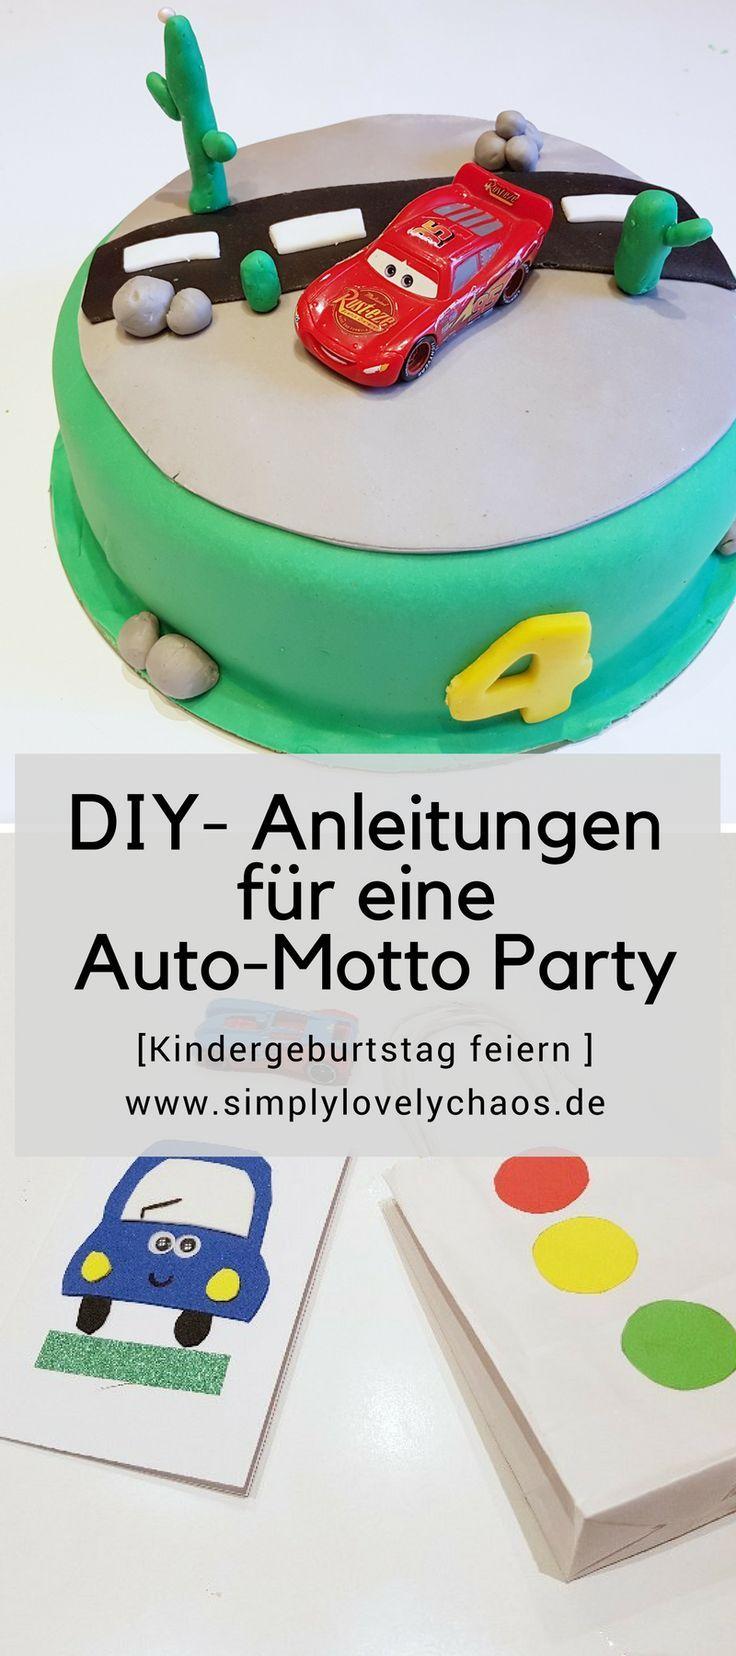 Auto Mottoparty   Kindergeburtstag Feiern Mit Anleitung Für Einladungen |  Pinterest | Einladungskarten Basteln, Mottoparty Und Tüte